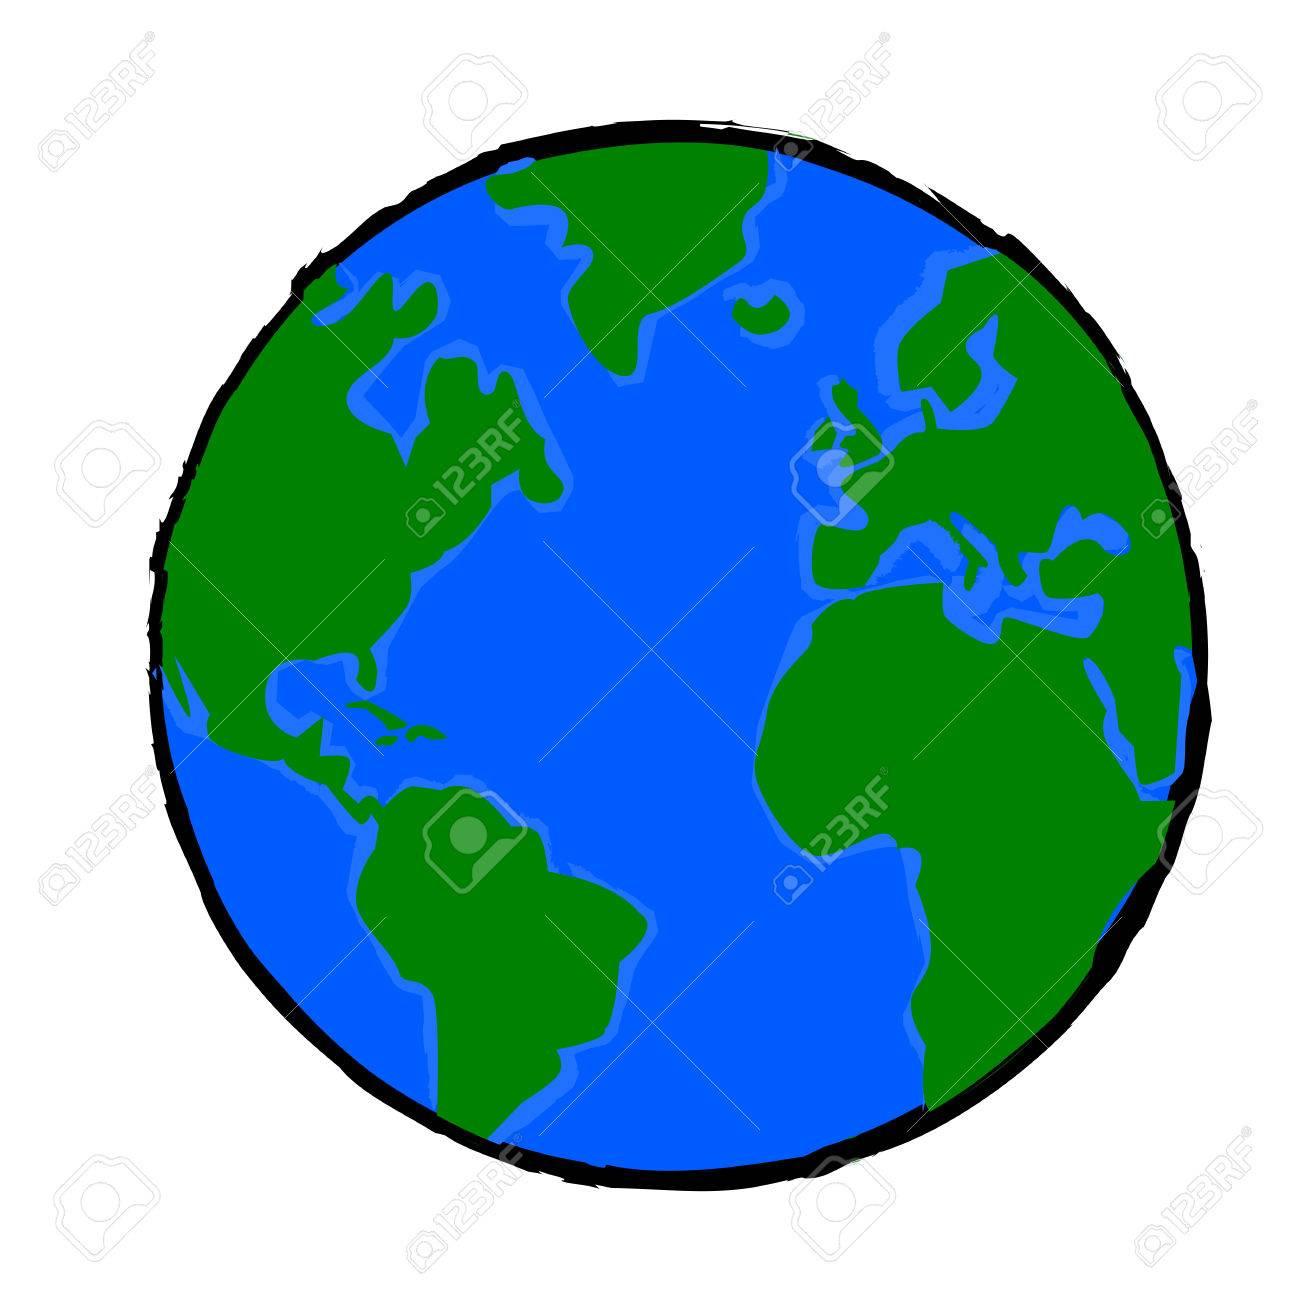 Illustration De Dessin Animé Montrant Une Planète Terre Peint concernant Image De La Terre Dessin